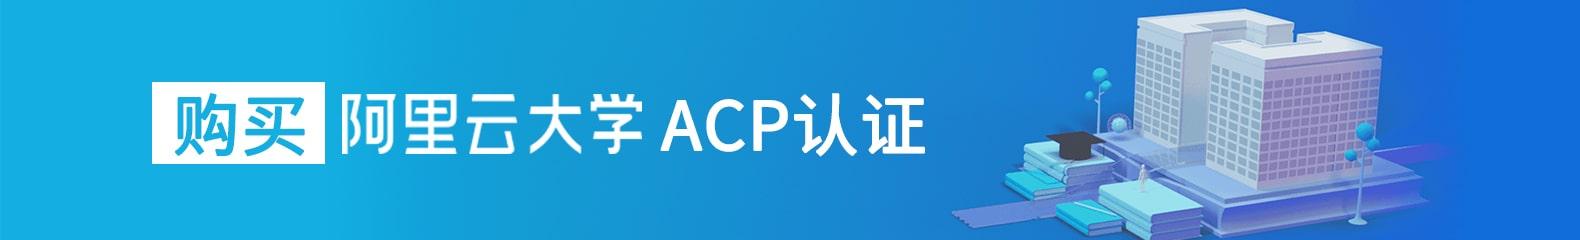 购买阿里云ACP